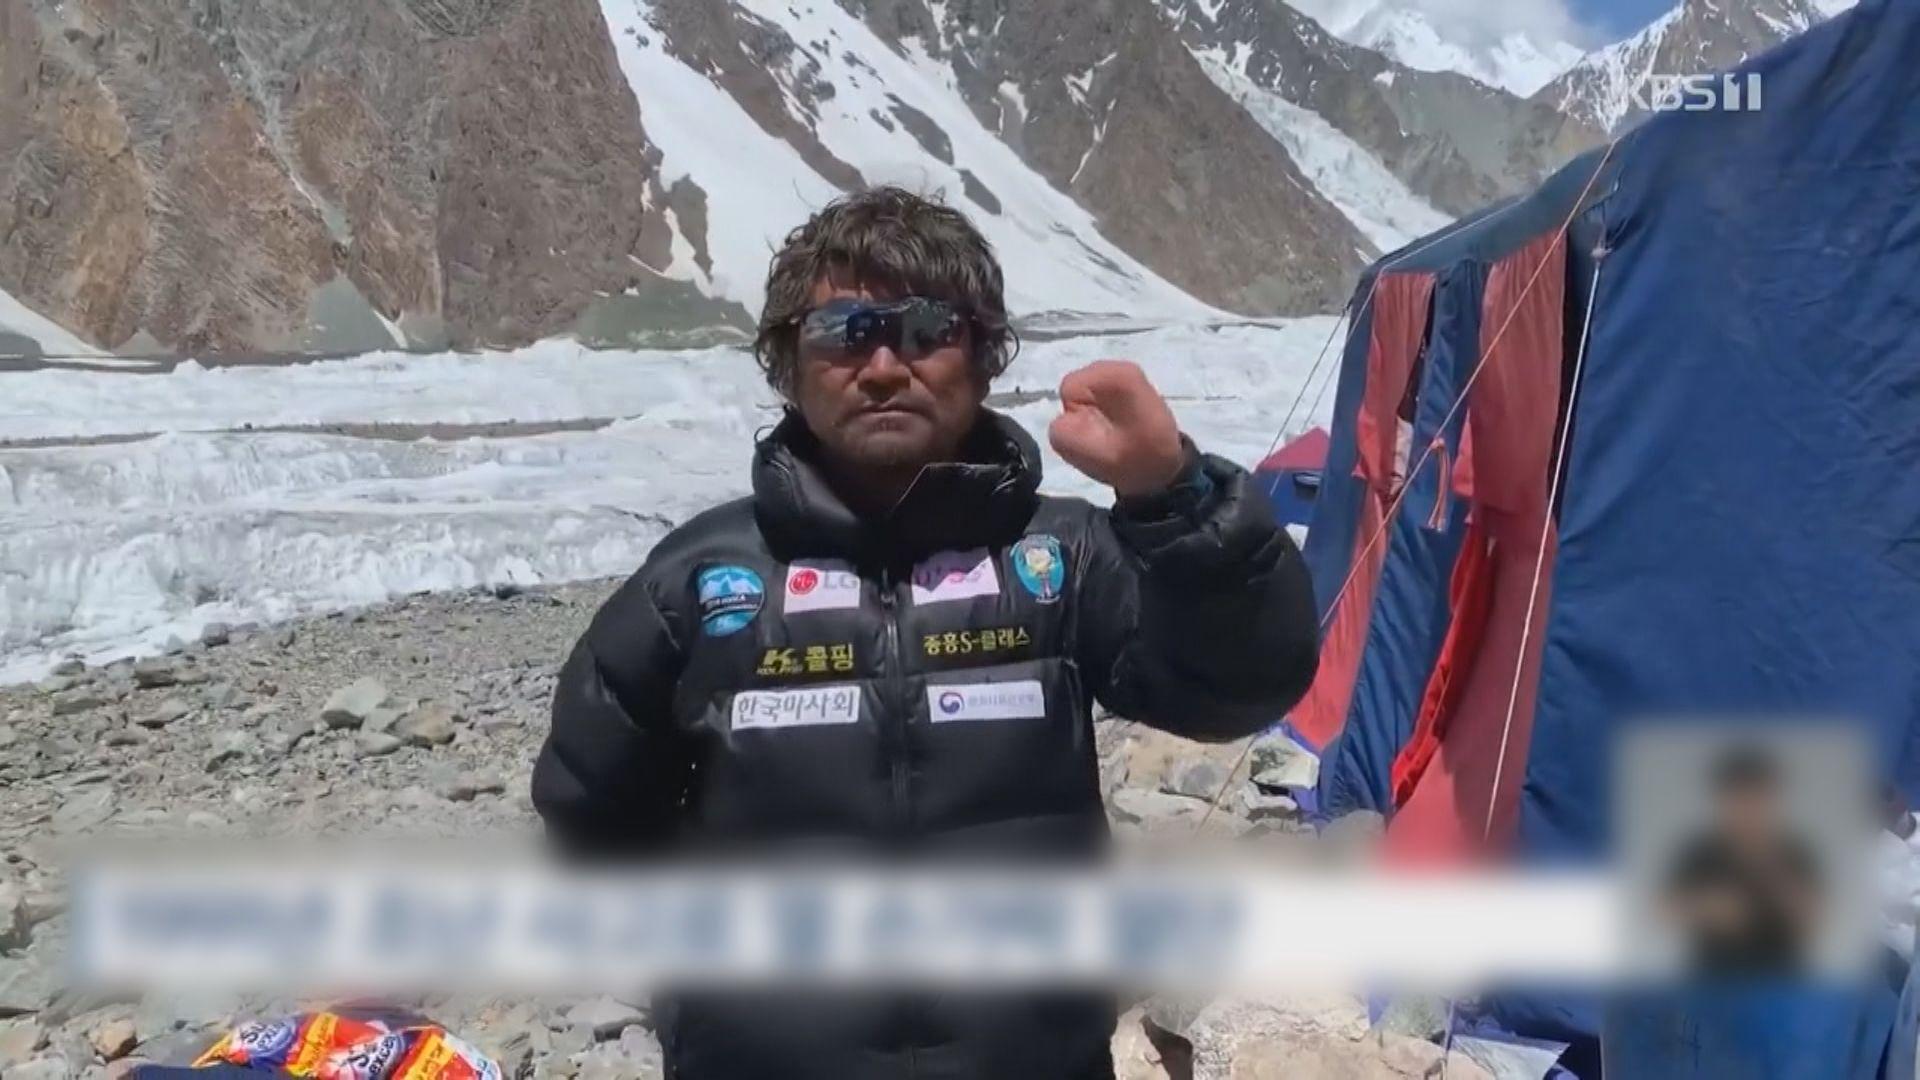 無手指登山者金洪彬登布洛阿特峰後失蹤